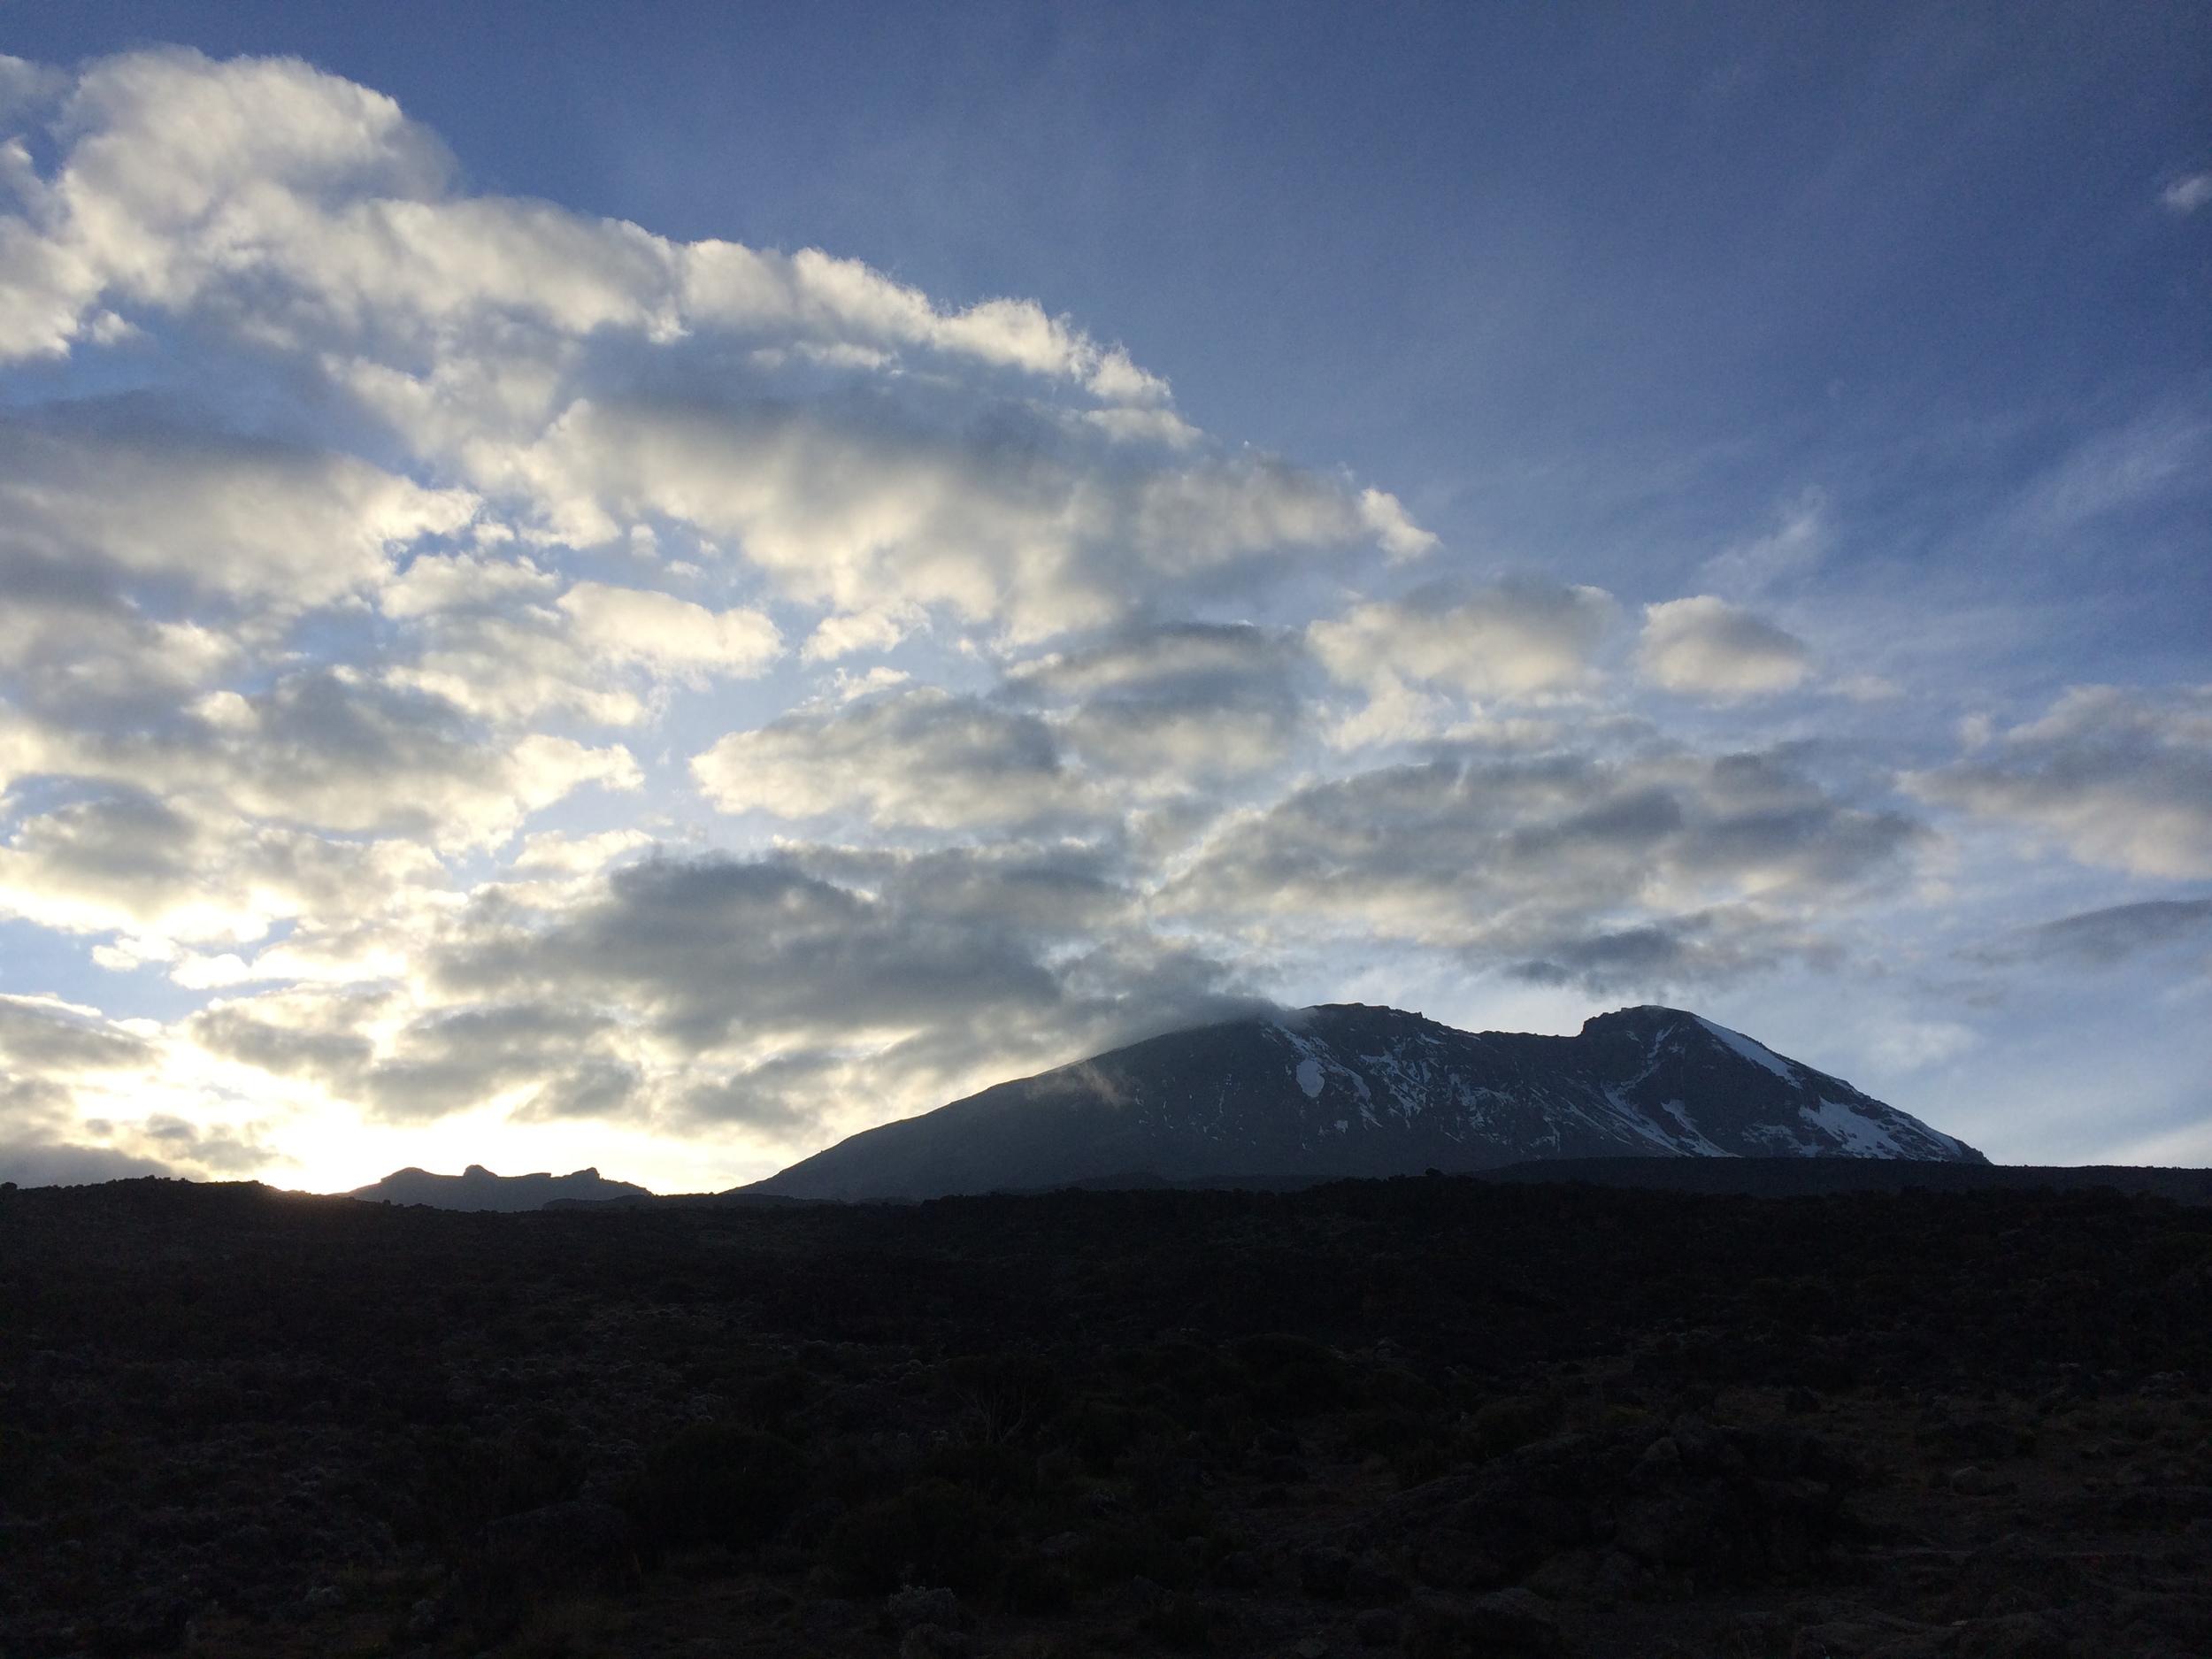 mt-kilimanjaro